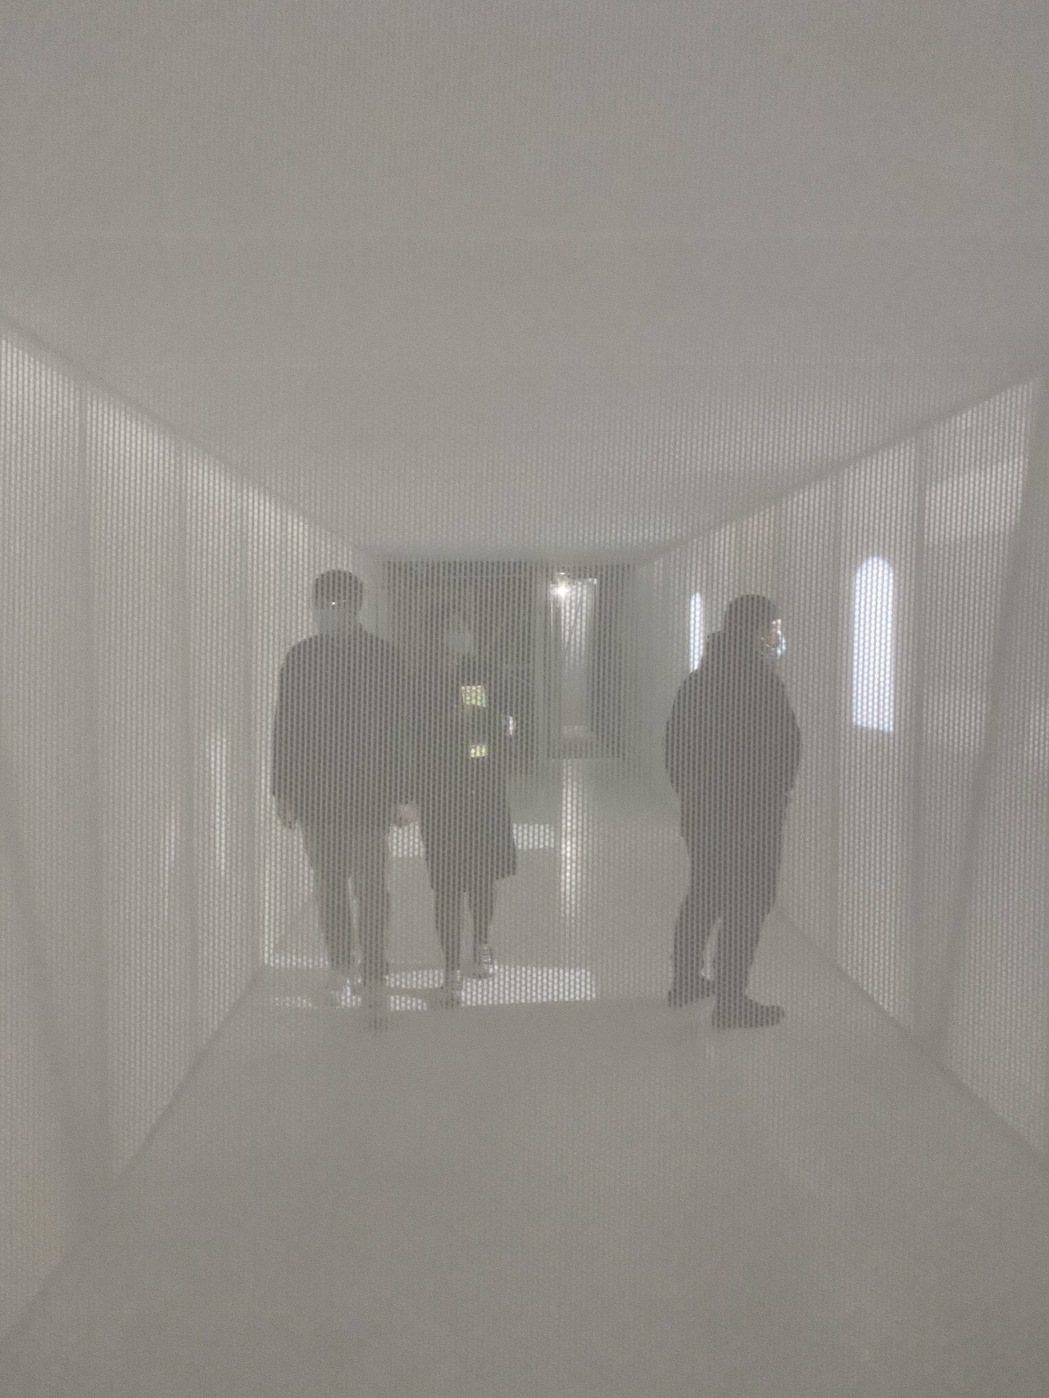 邱文傑以空間與介質說明「間接共生」概念。圖/邱文傑建築師事務所 提供